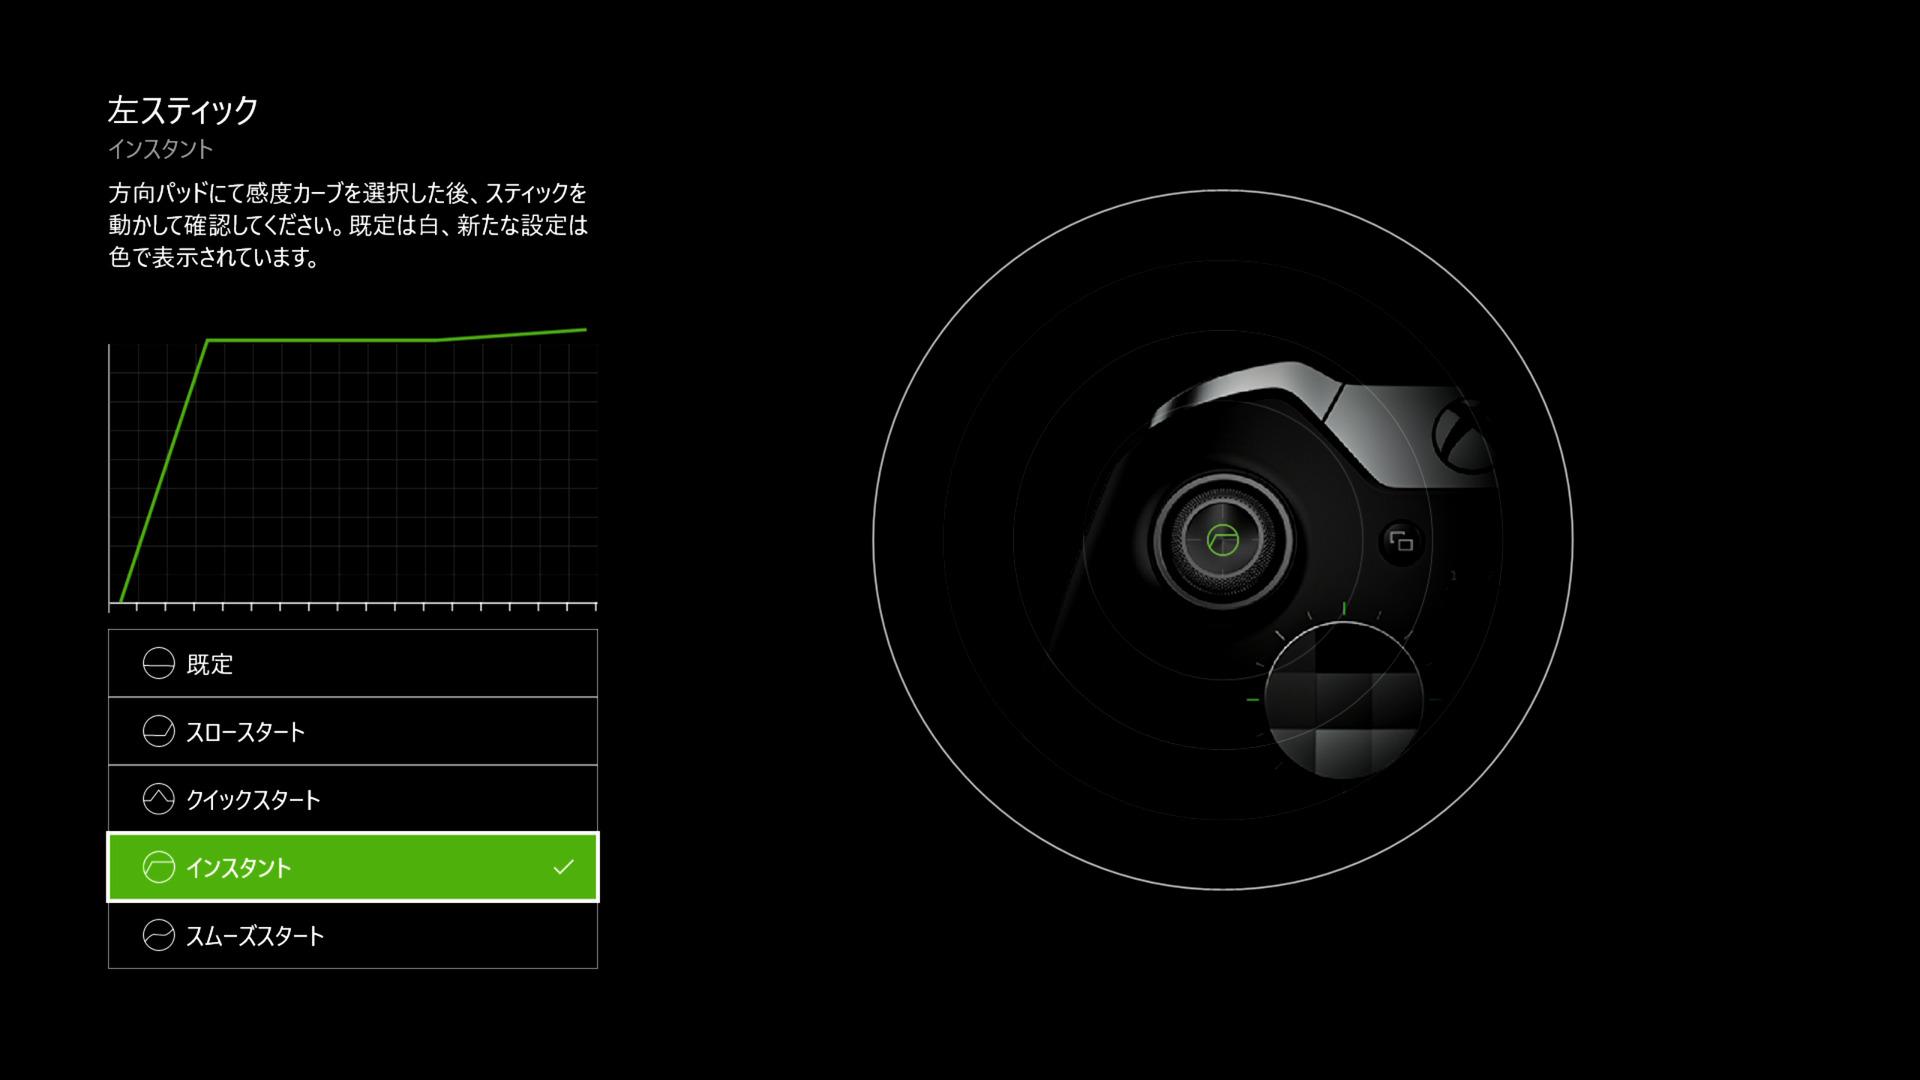 インスタントは格闘ゲーム等のアクション系の操作スピードを向上